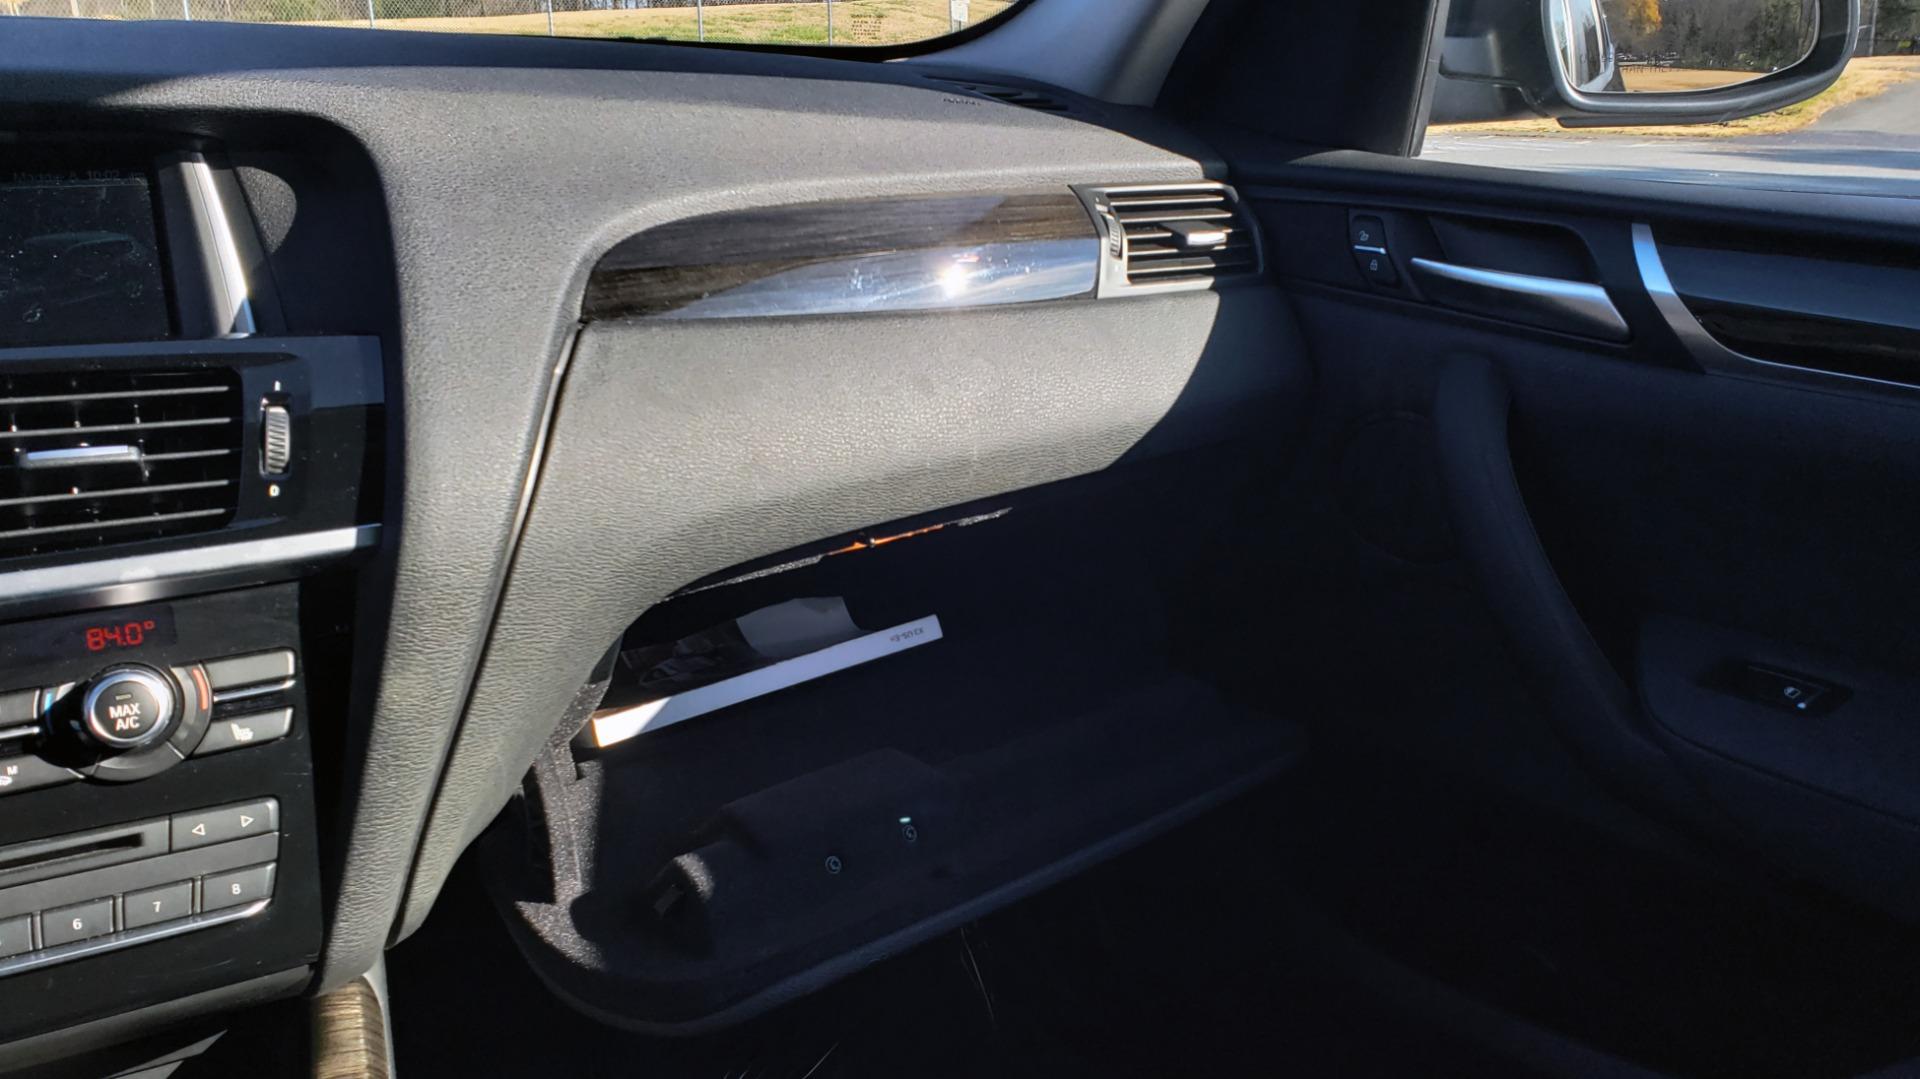 Used 2017 BMW X3 XDRIVE28I / PREM PKG / NAV / DRVR ASST / HTD STS / CAMERAS for sale Sold at Formula Imports in Charlotte NC 28227 64